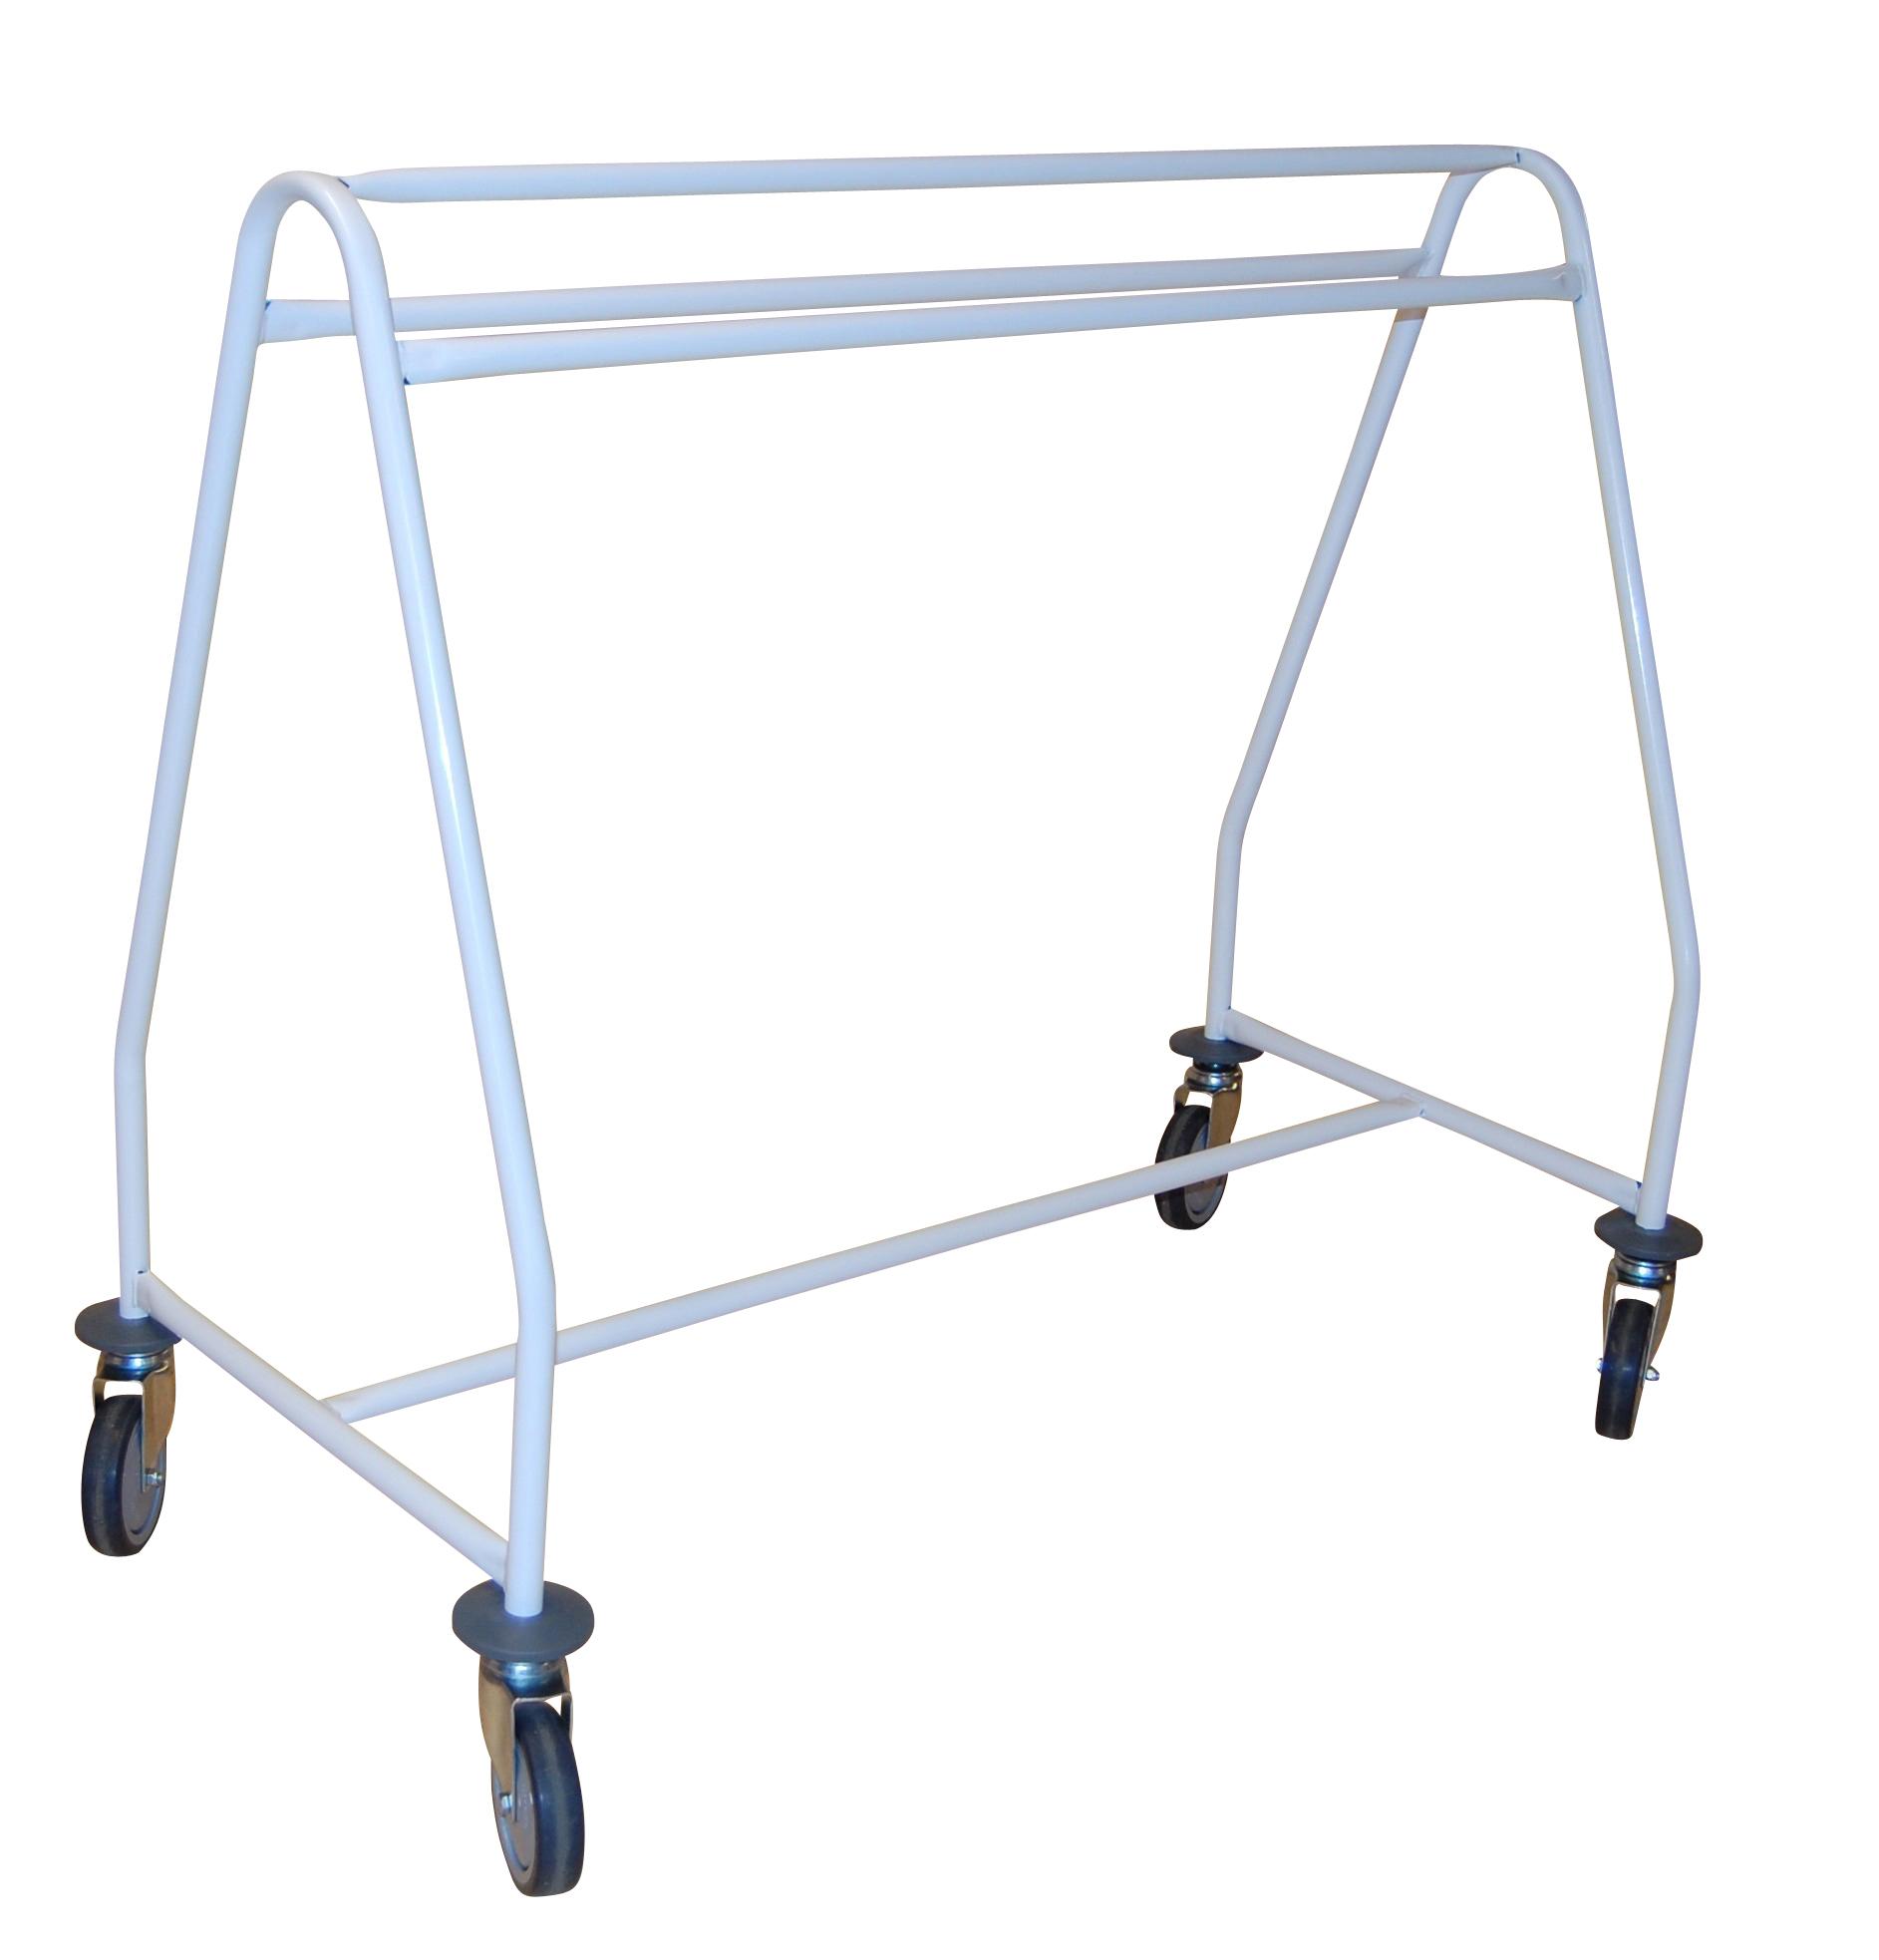 Produit: Chevalet industriel de base1 structure tube Ø 25 mm4 butoirs caoutchouc gris4 roues pivotan...